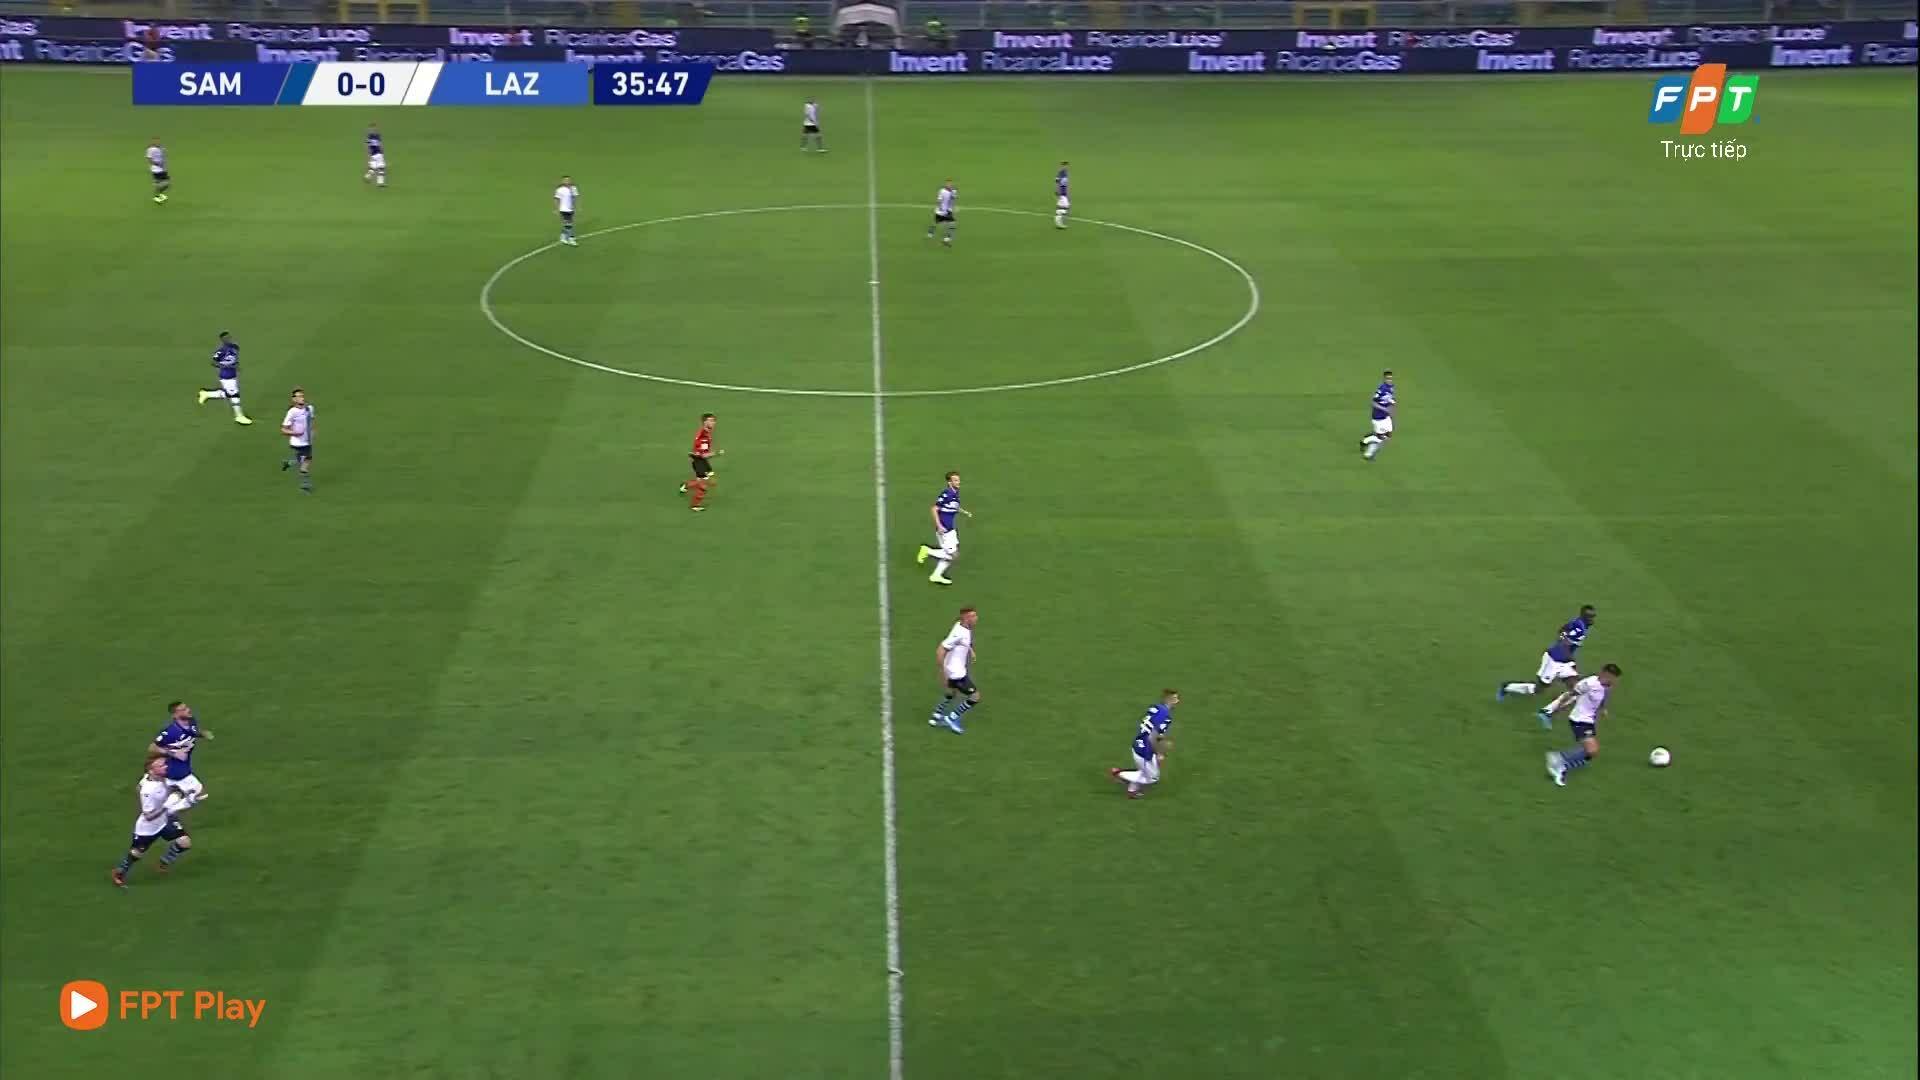 Sampdoria 0-3 Lazio